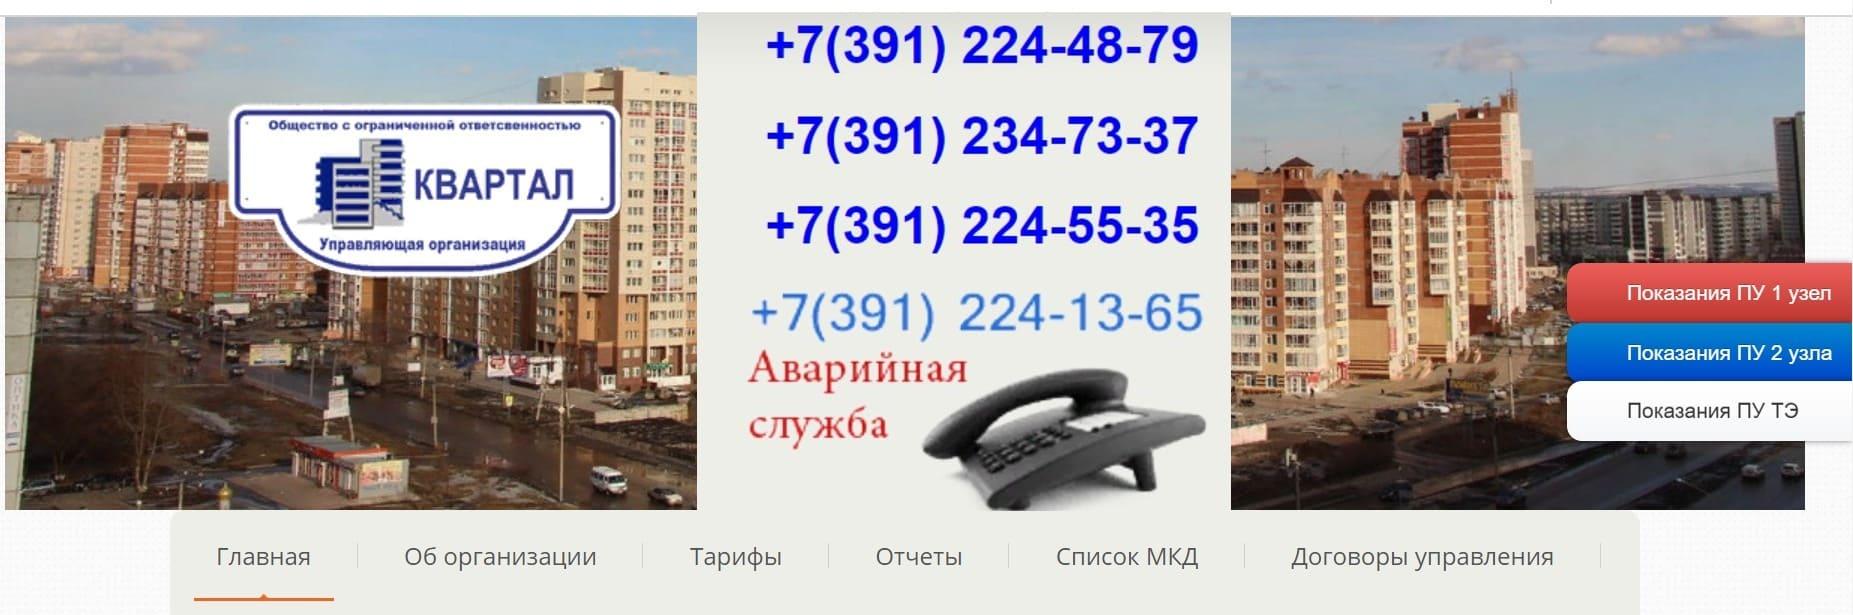 Квартал07 рф личный кабинет